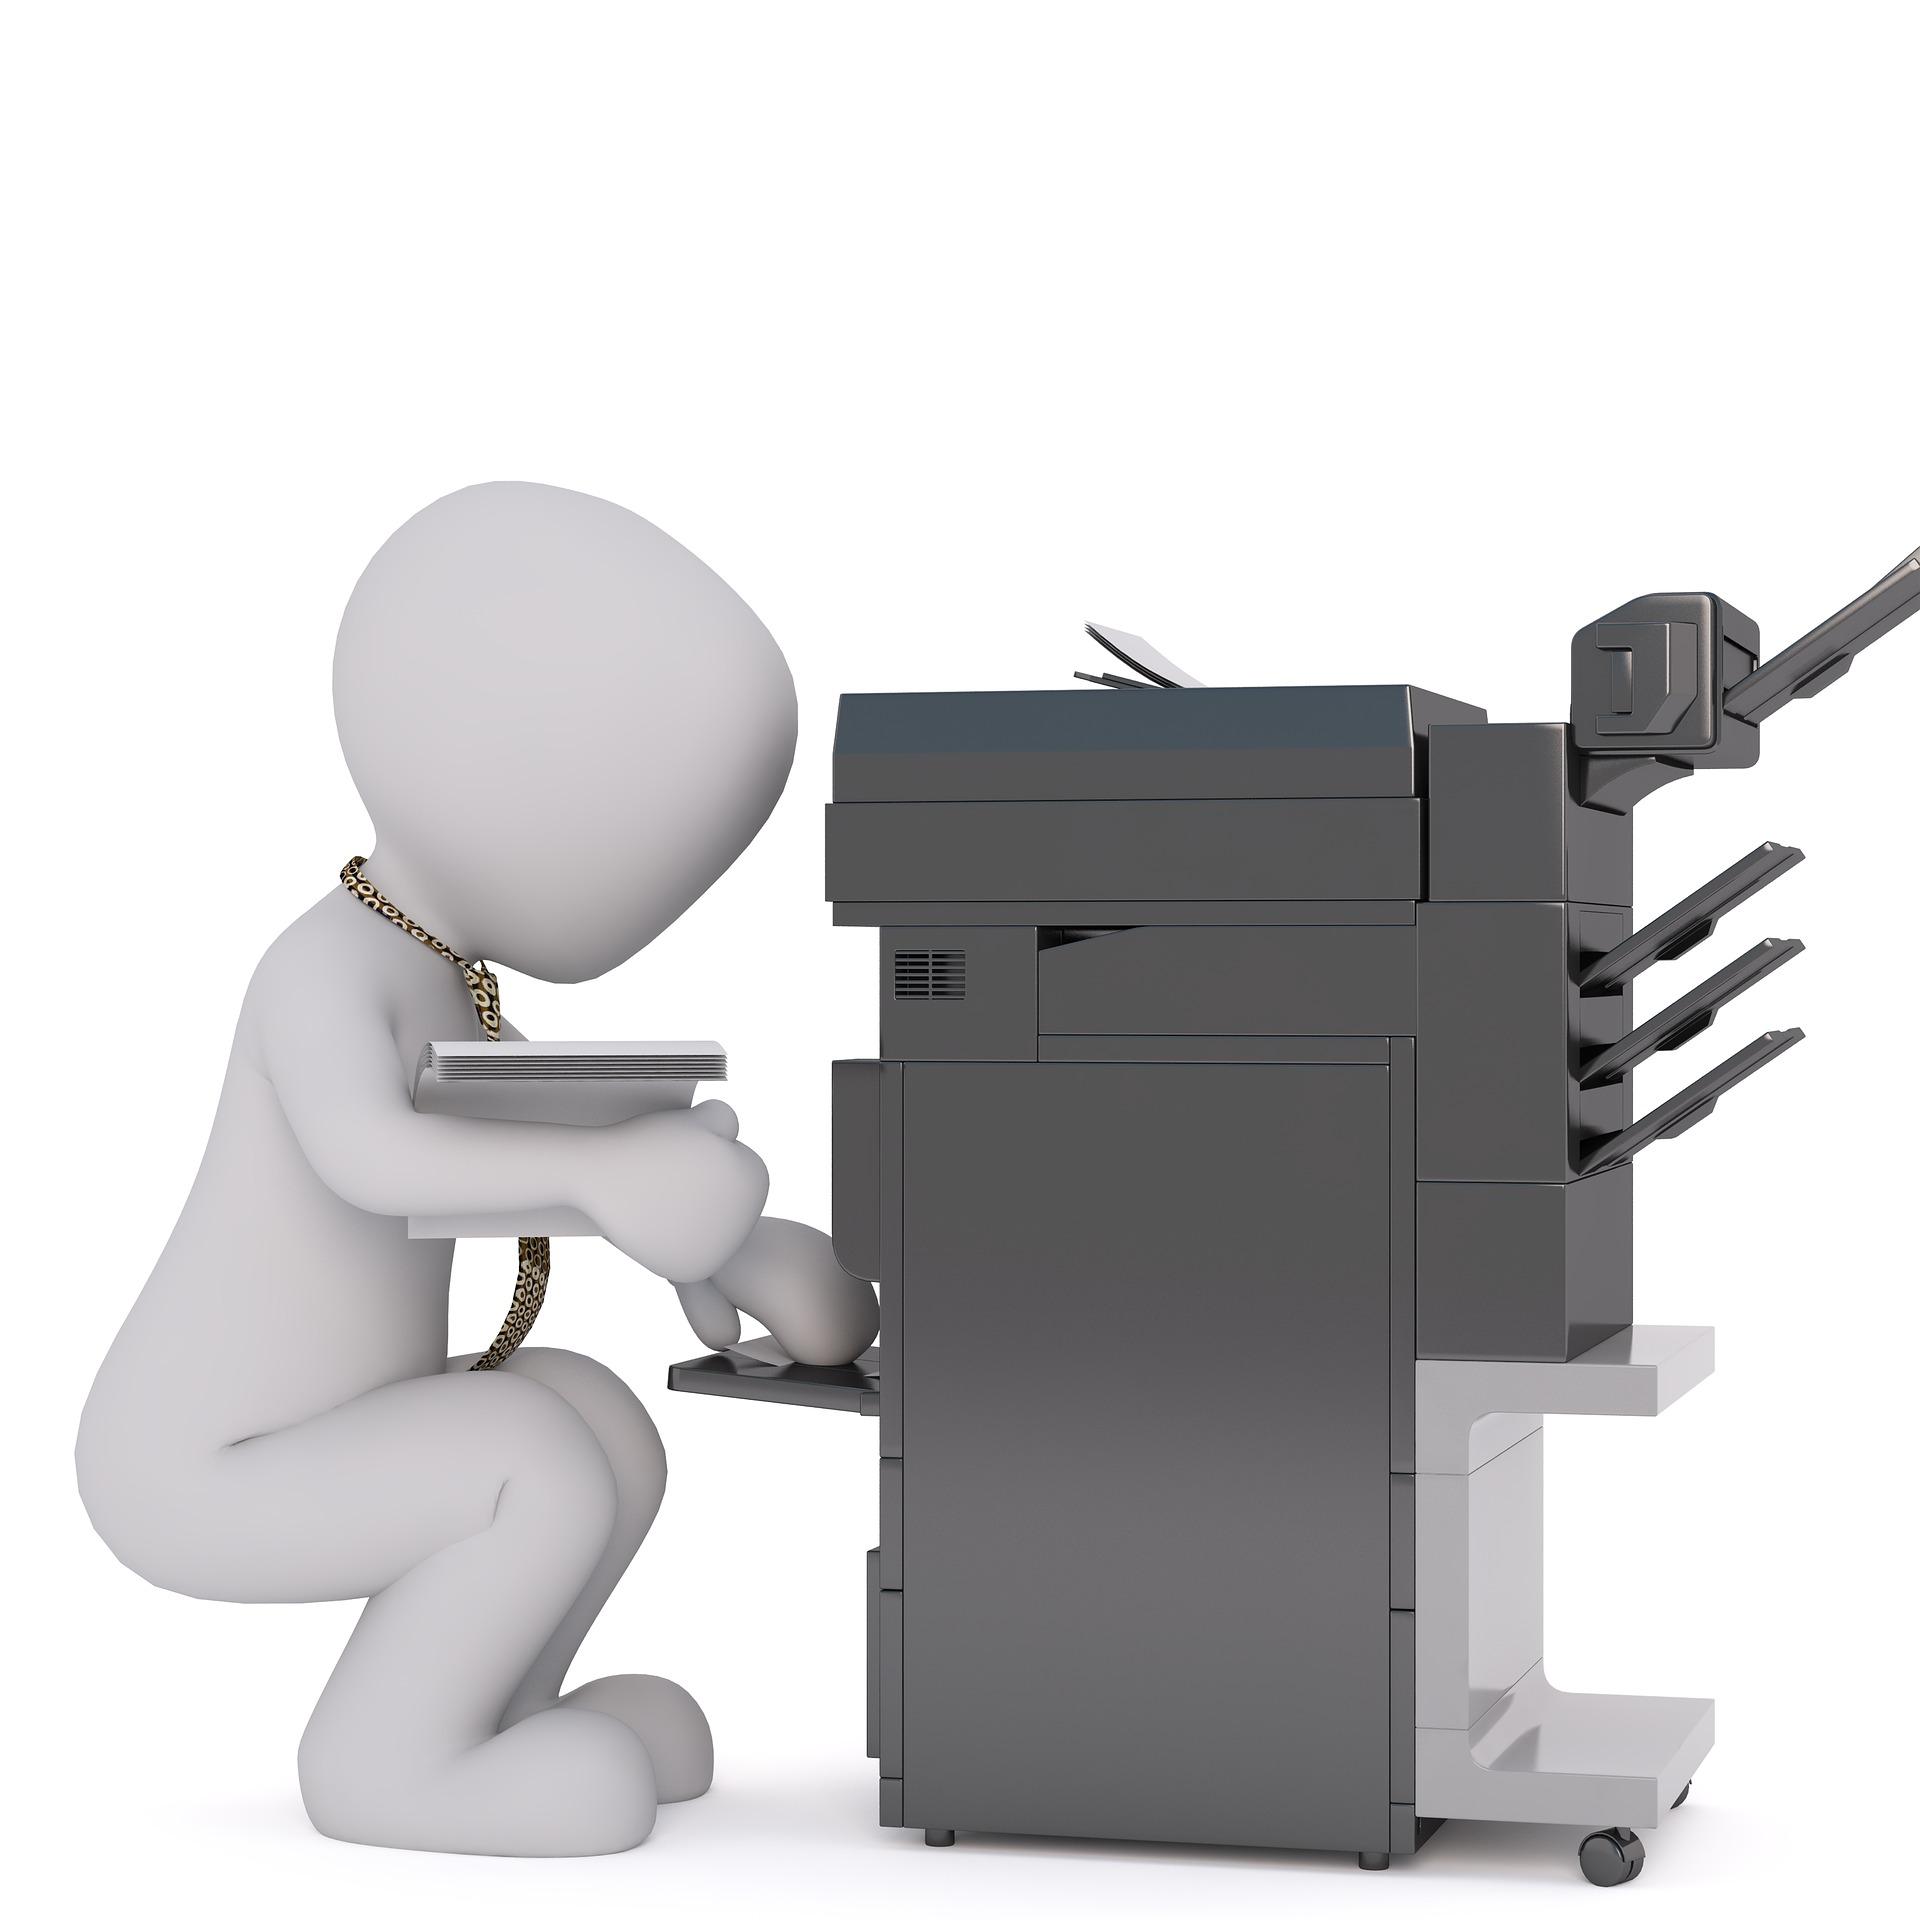 Jak działa wirtualny faks?